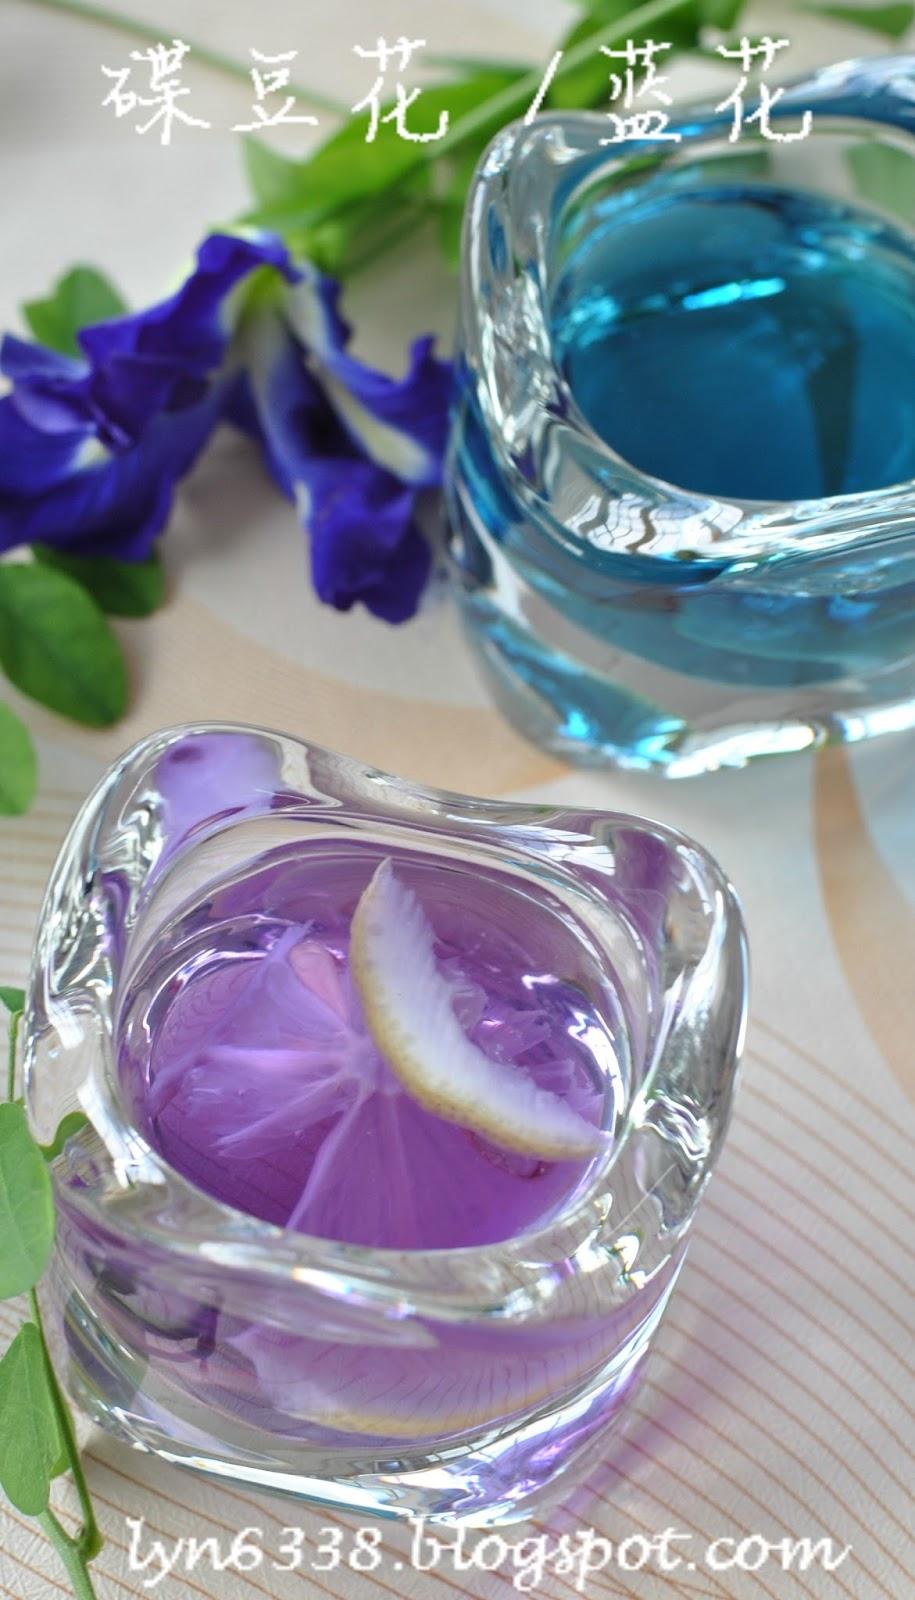 擁有幸福的味道: 蝶豆花茶